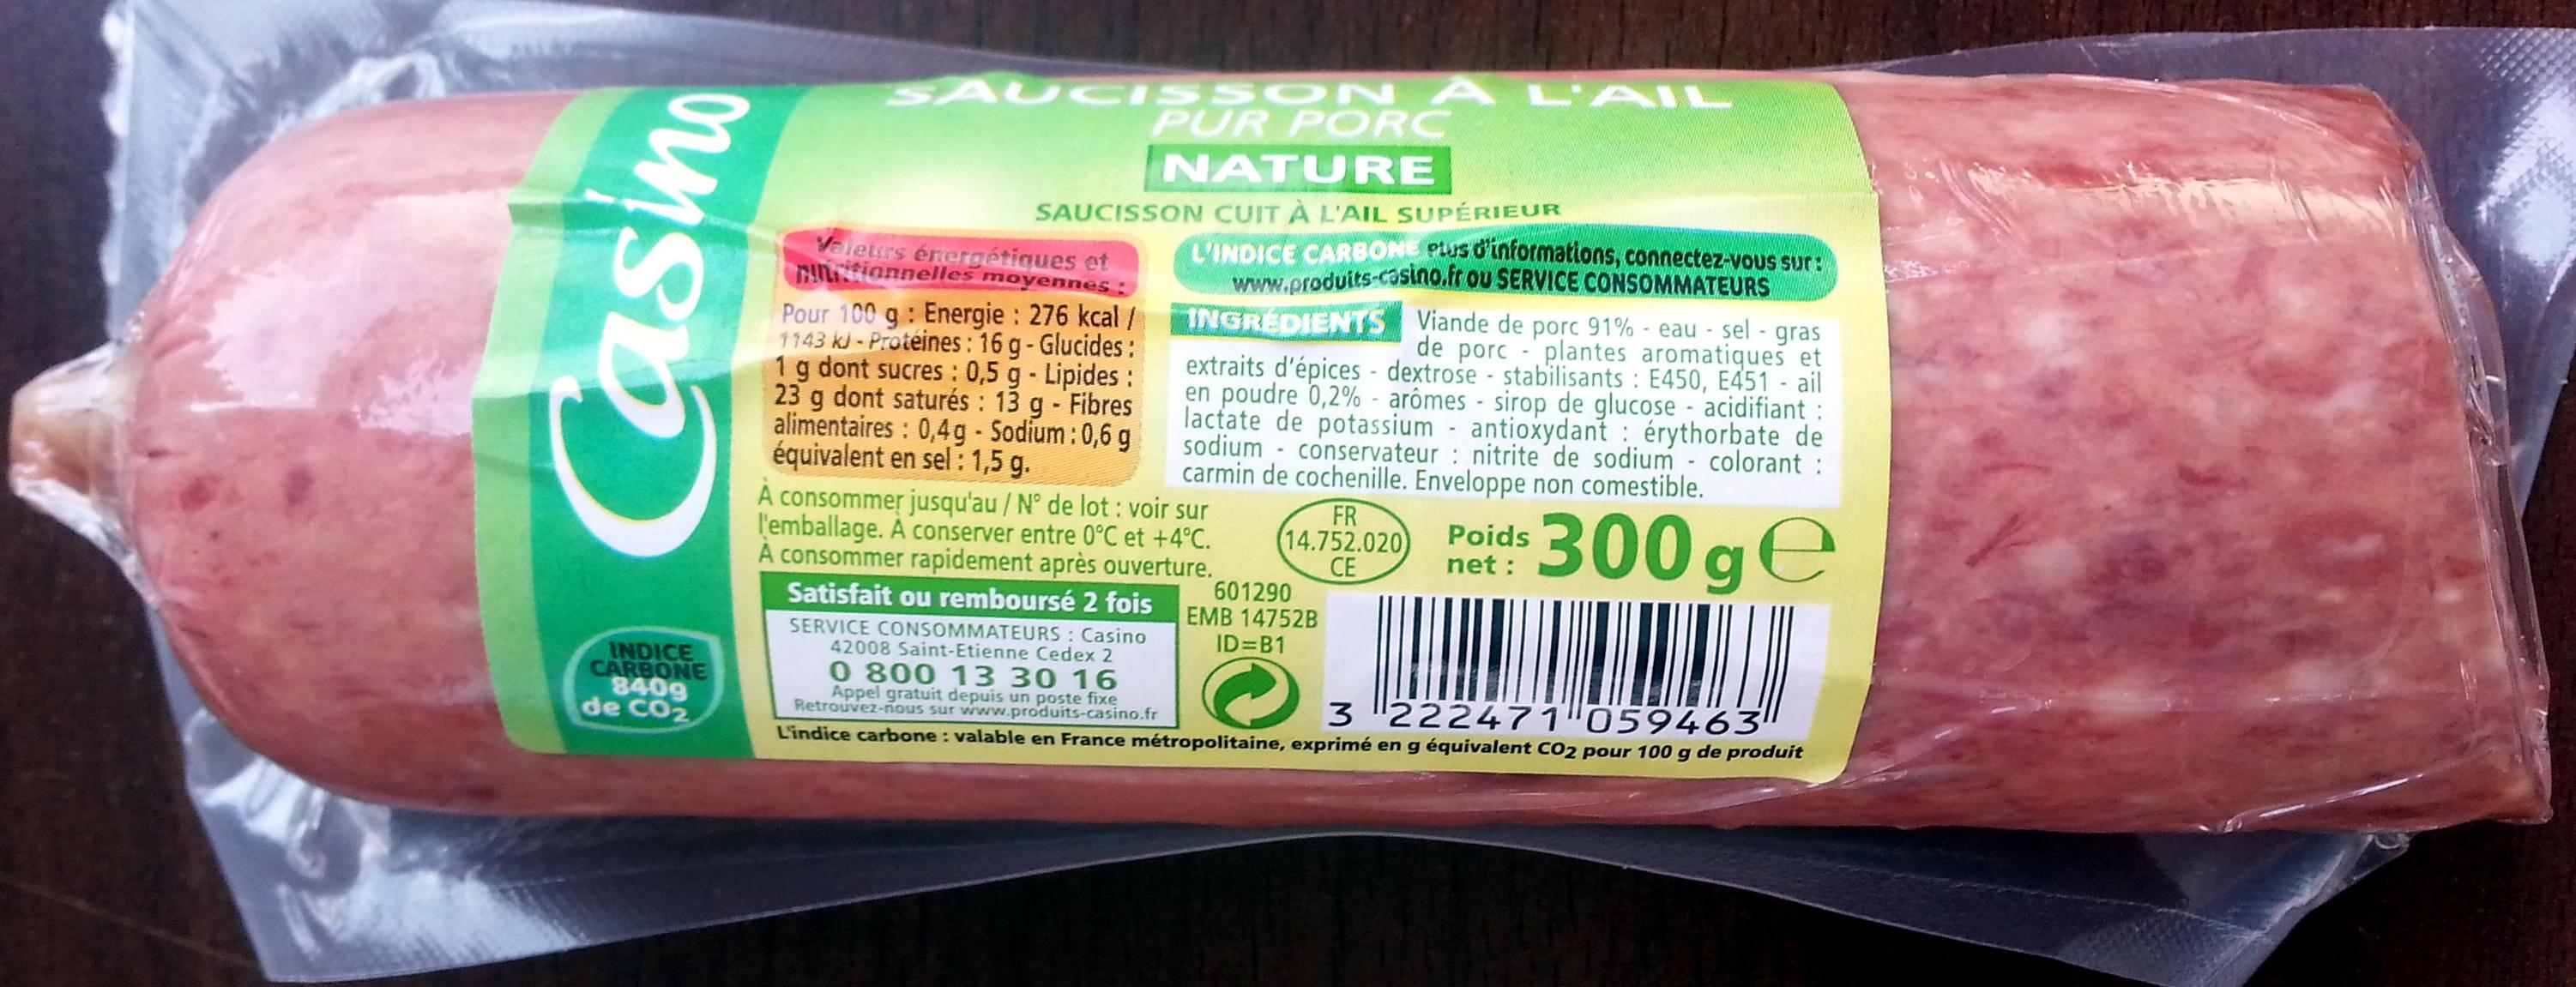 Saucisson à l'ail pur porc nature - Product - fr